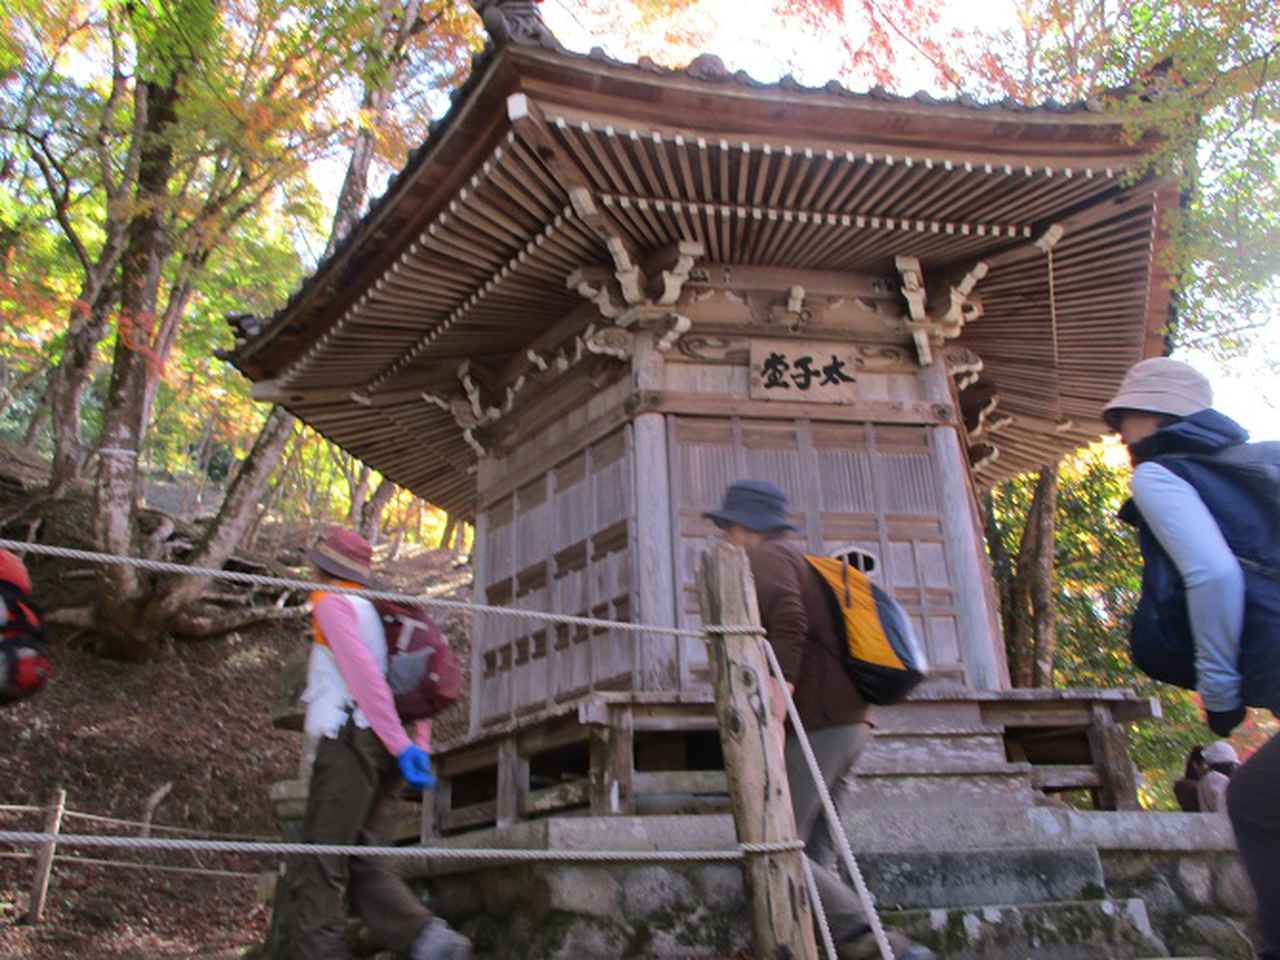 画像5: 11月21日から山旅会 「香嵐渓と鳳来寺」 ツアーに行ってきました!